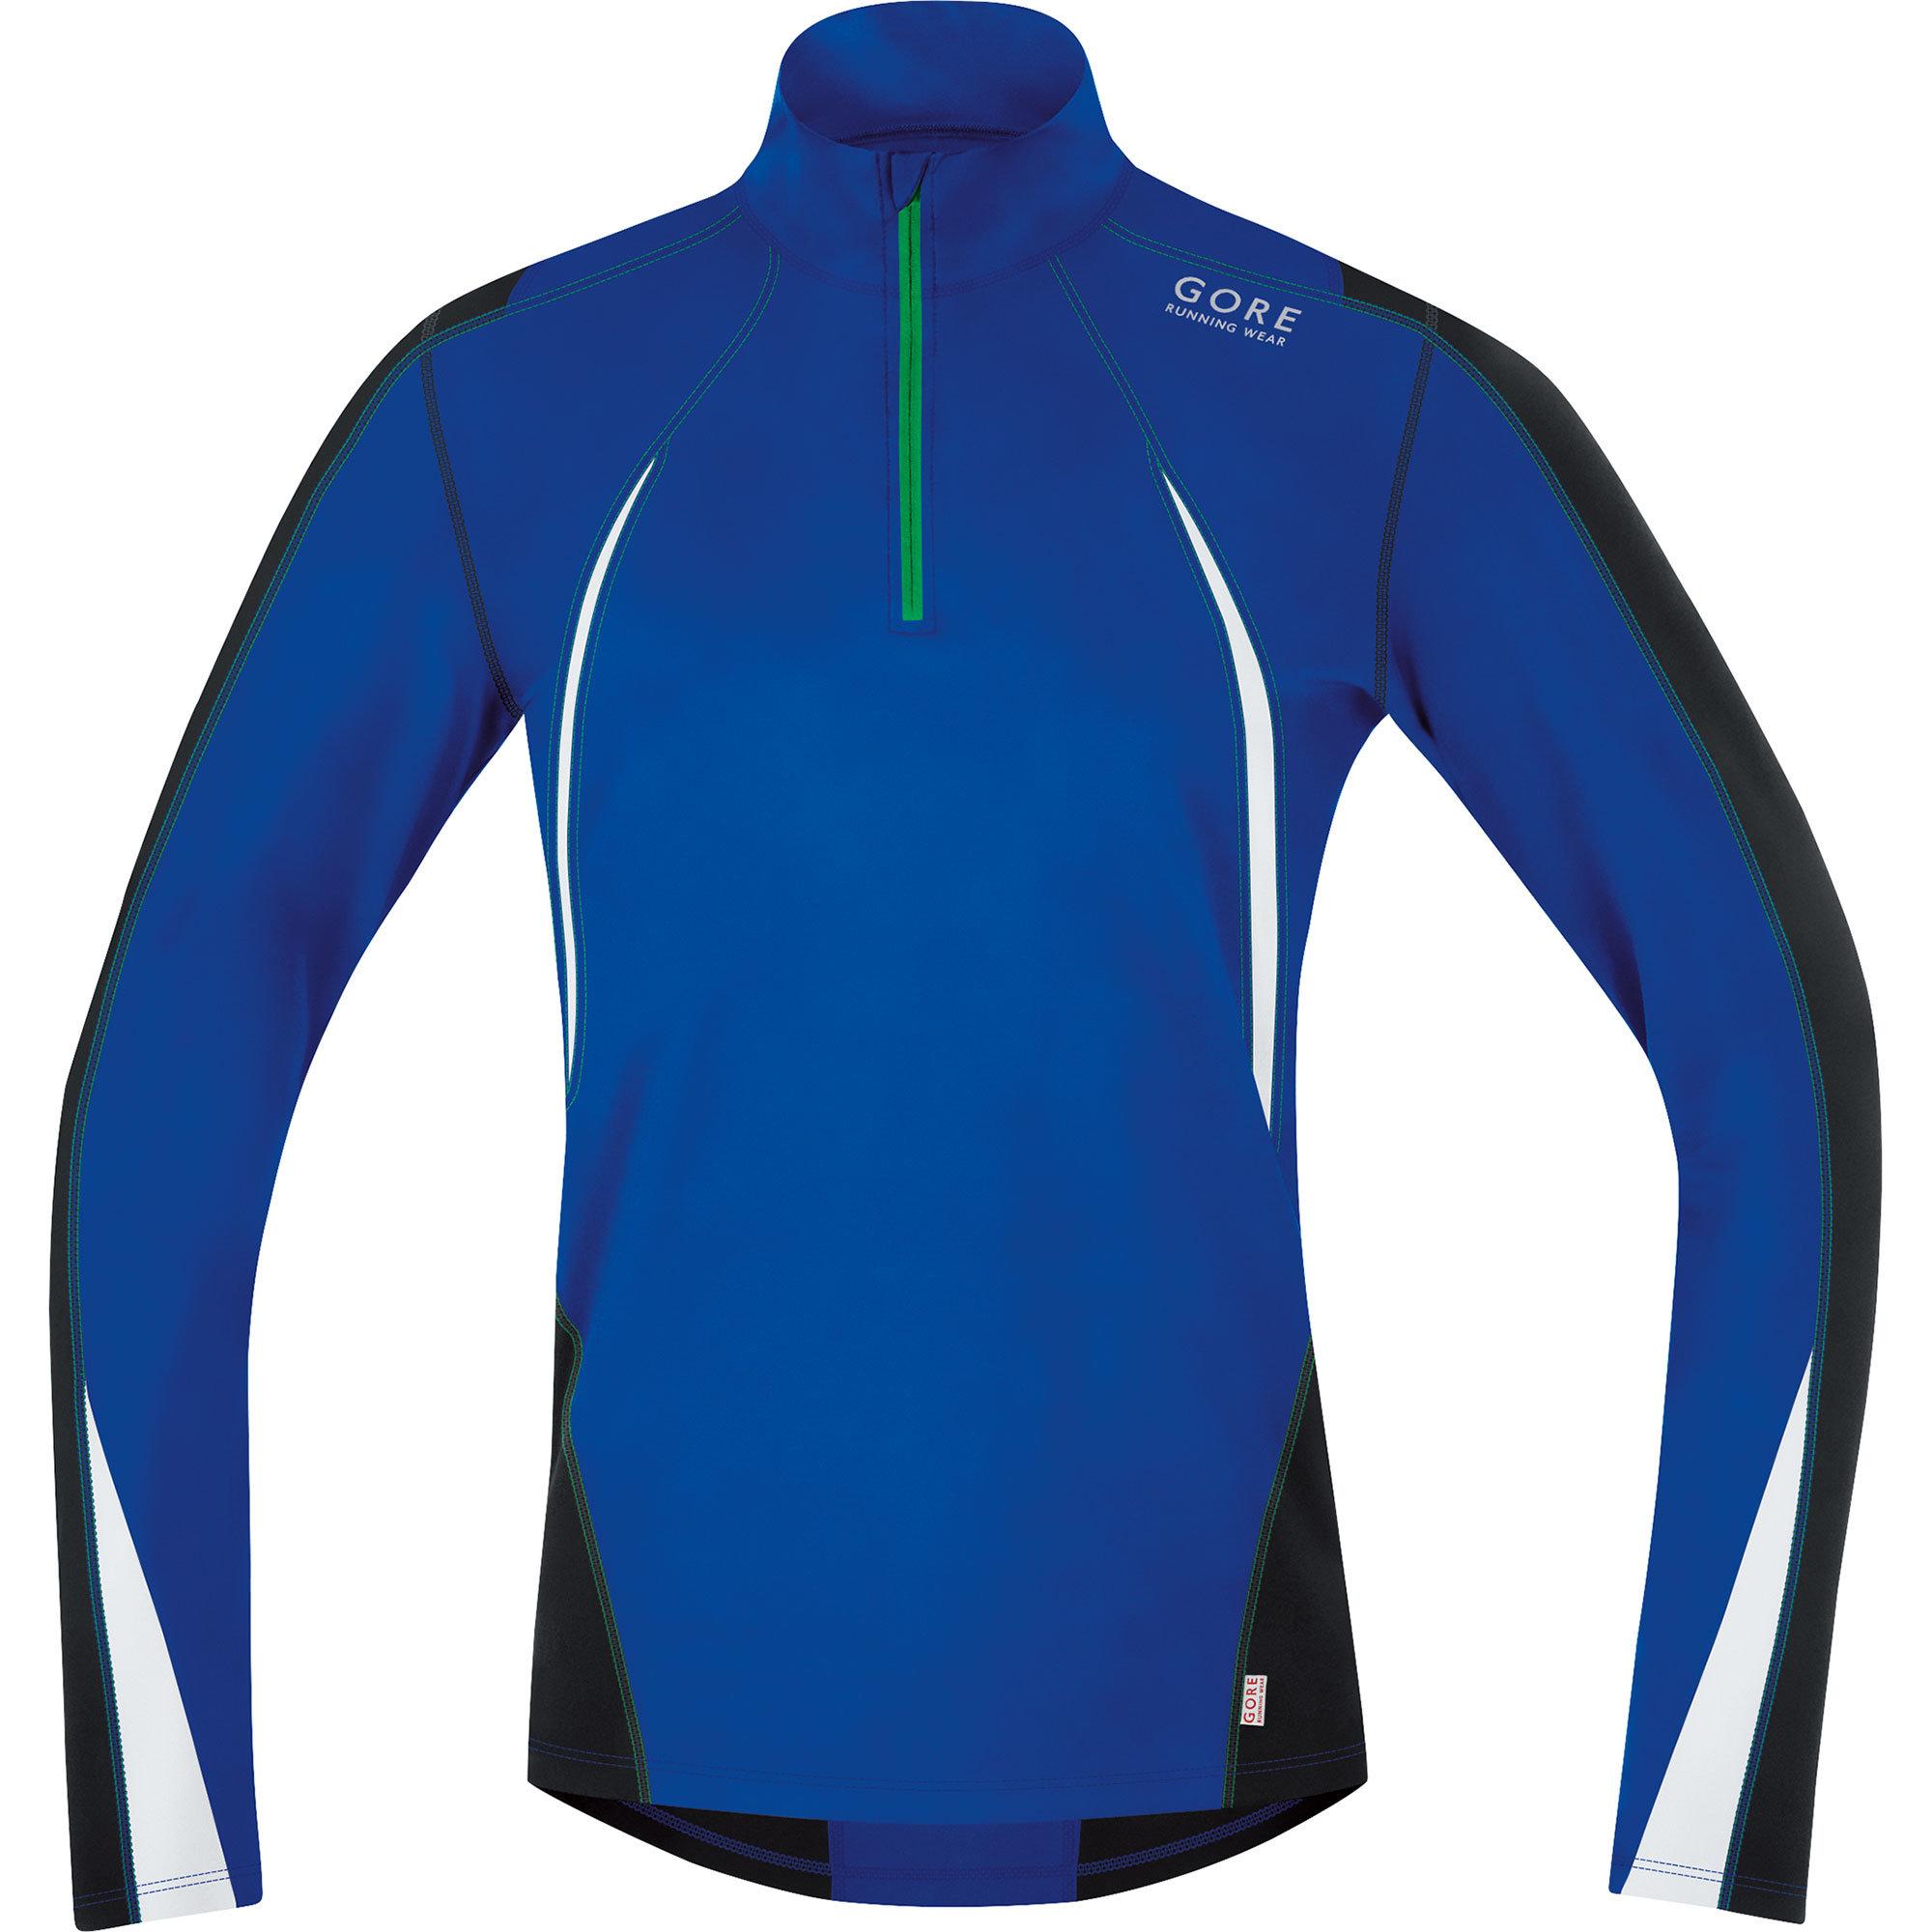 Gore Air Thermo Zip Shirt in Blau,  Weiß